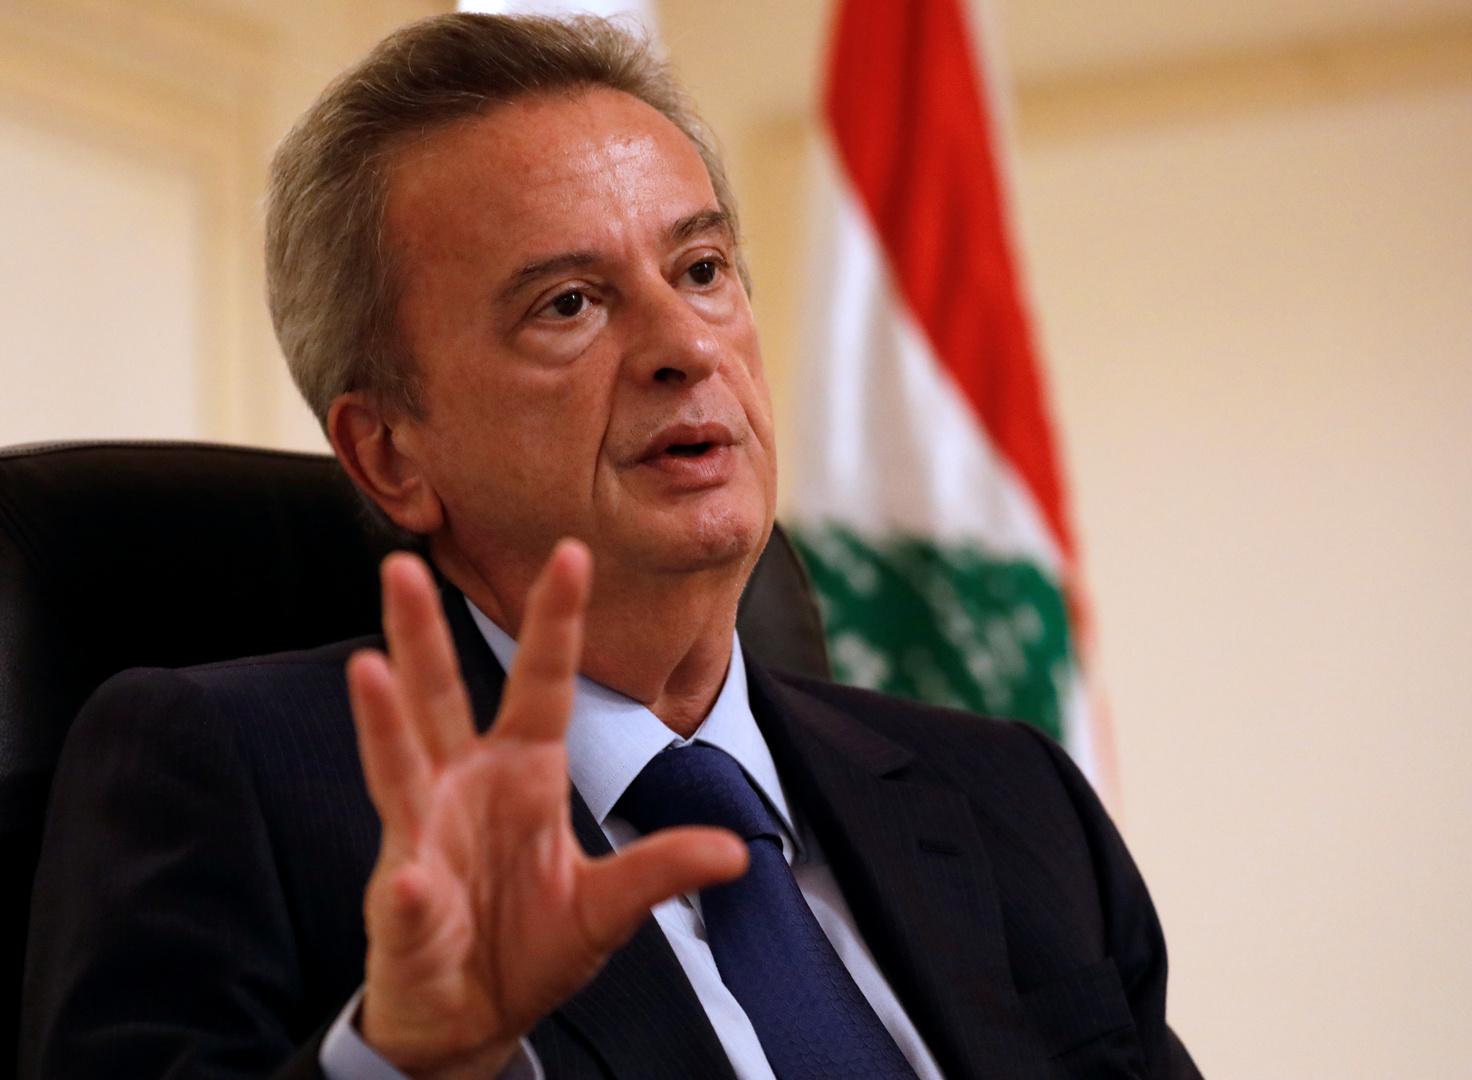 القضاء اللبناني يدعي على رياض سلامة